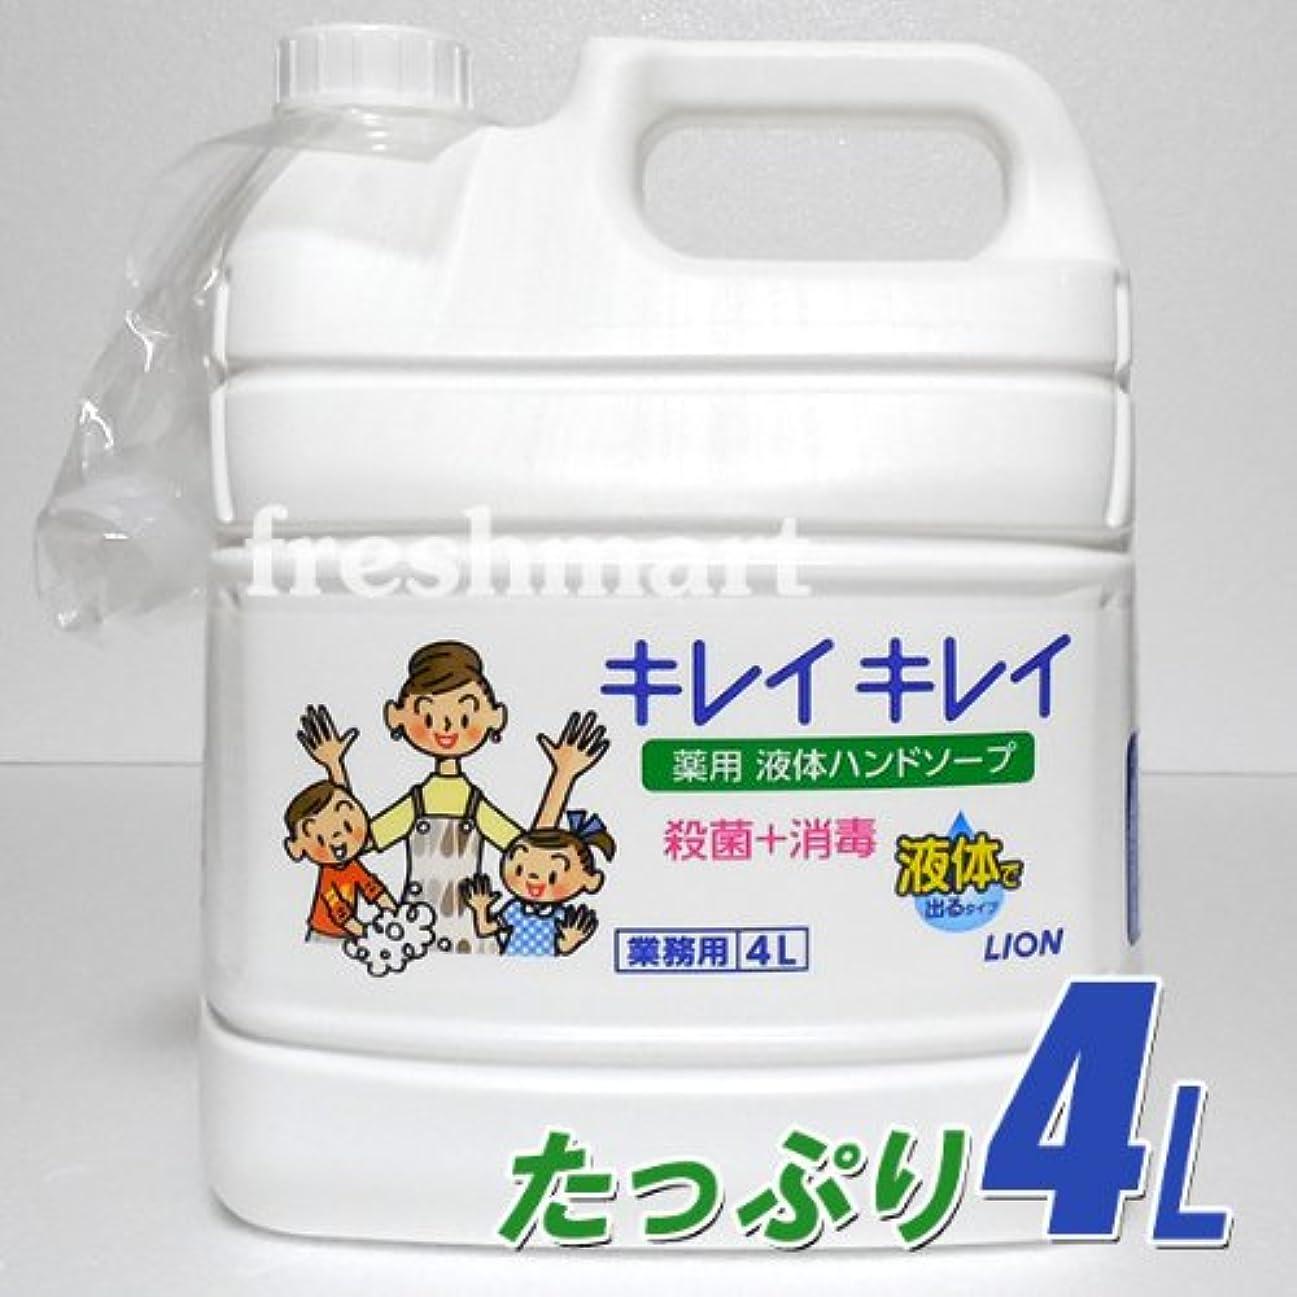 地下室散らす幾分☆100%植物性洗浄成分使用☆ ライオン キレイキレイ 薬用液体ハンドソープ つめかえ用4L 業務用 大容量 ボトル